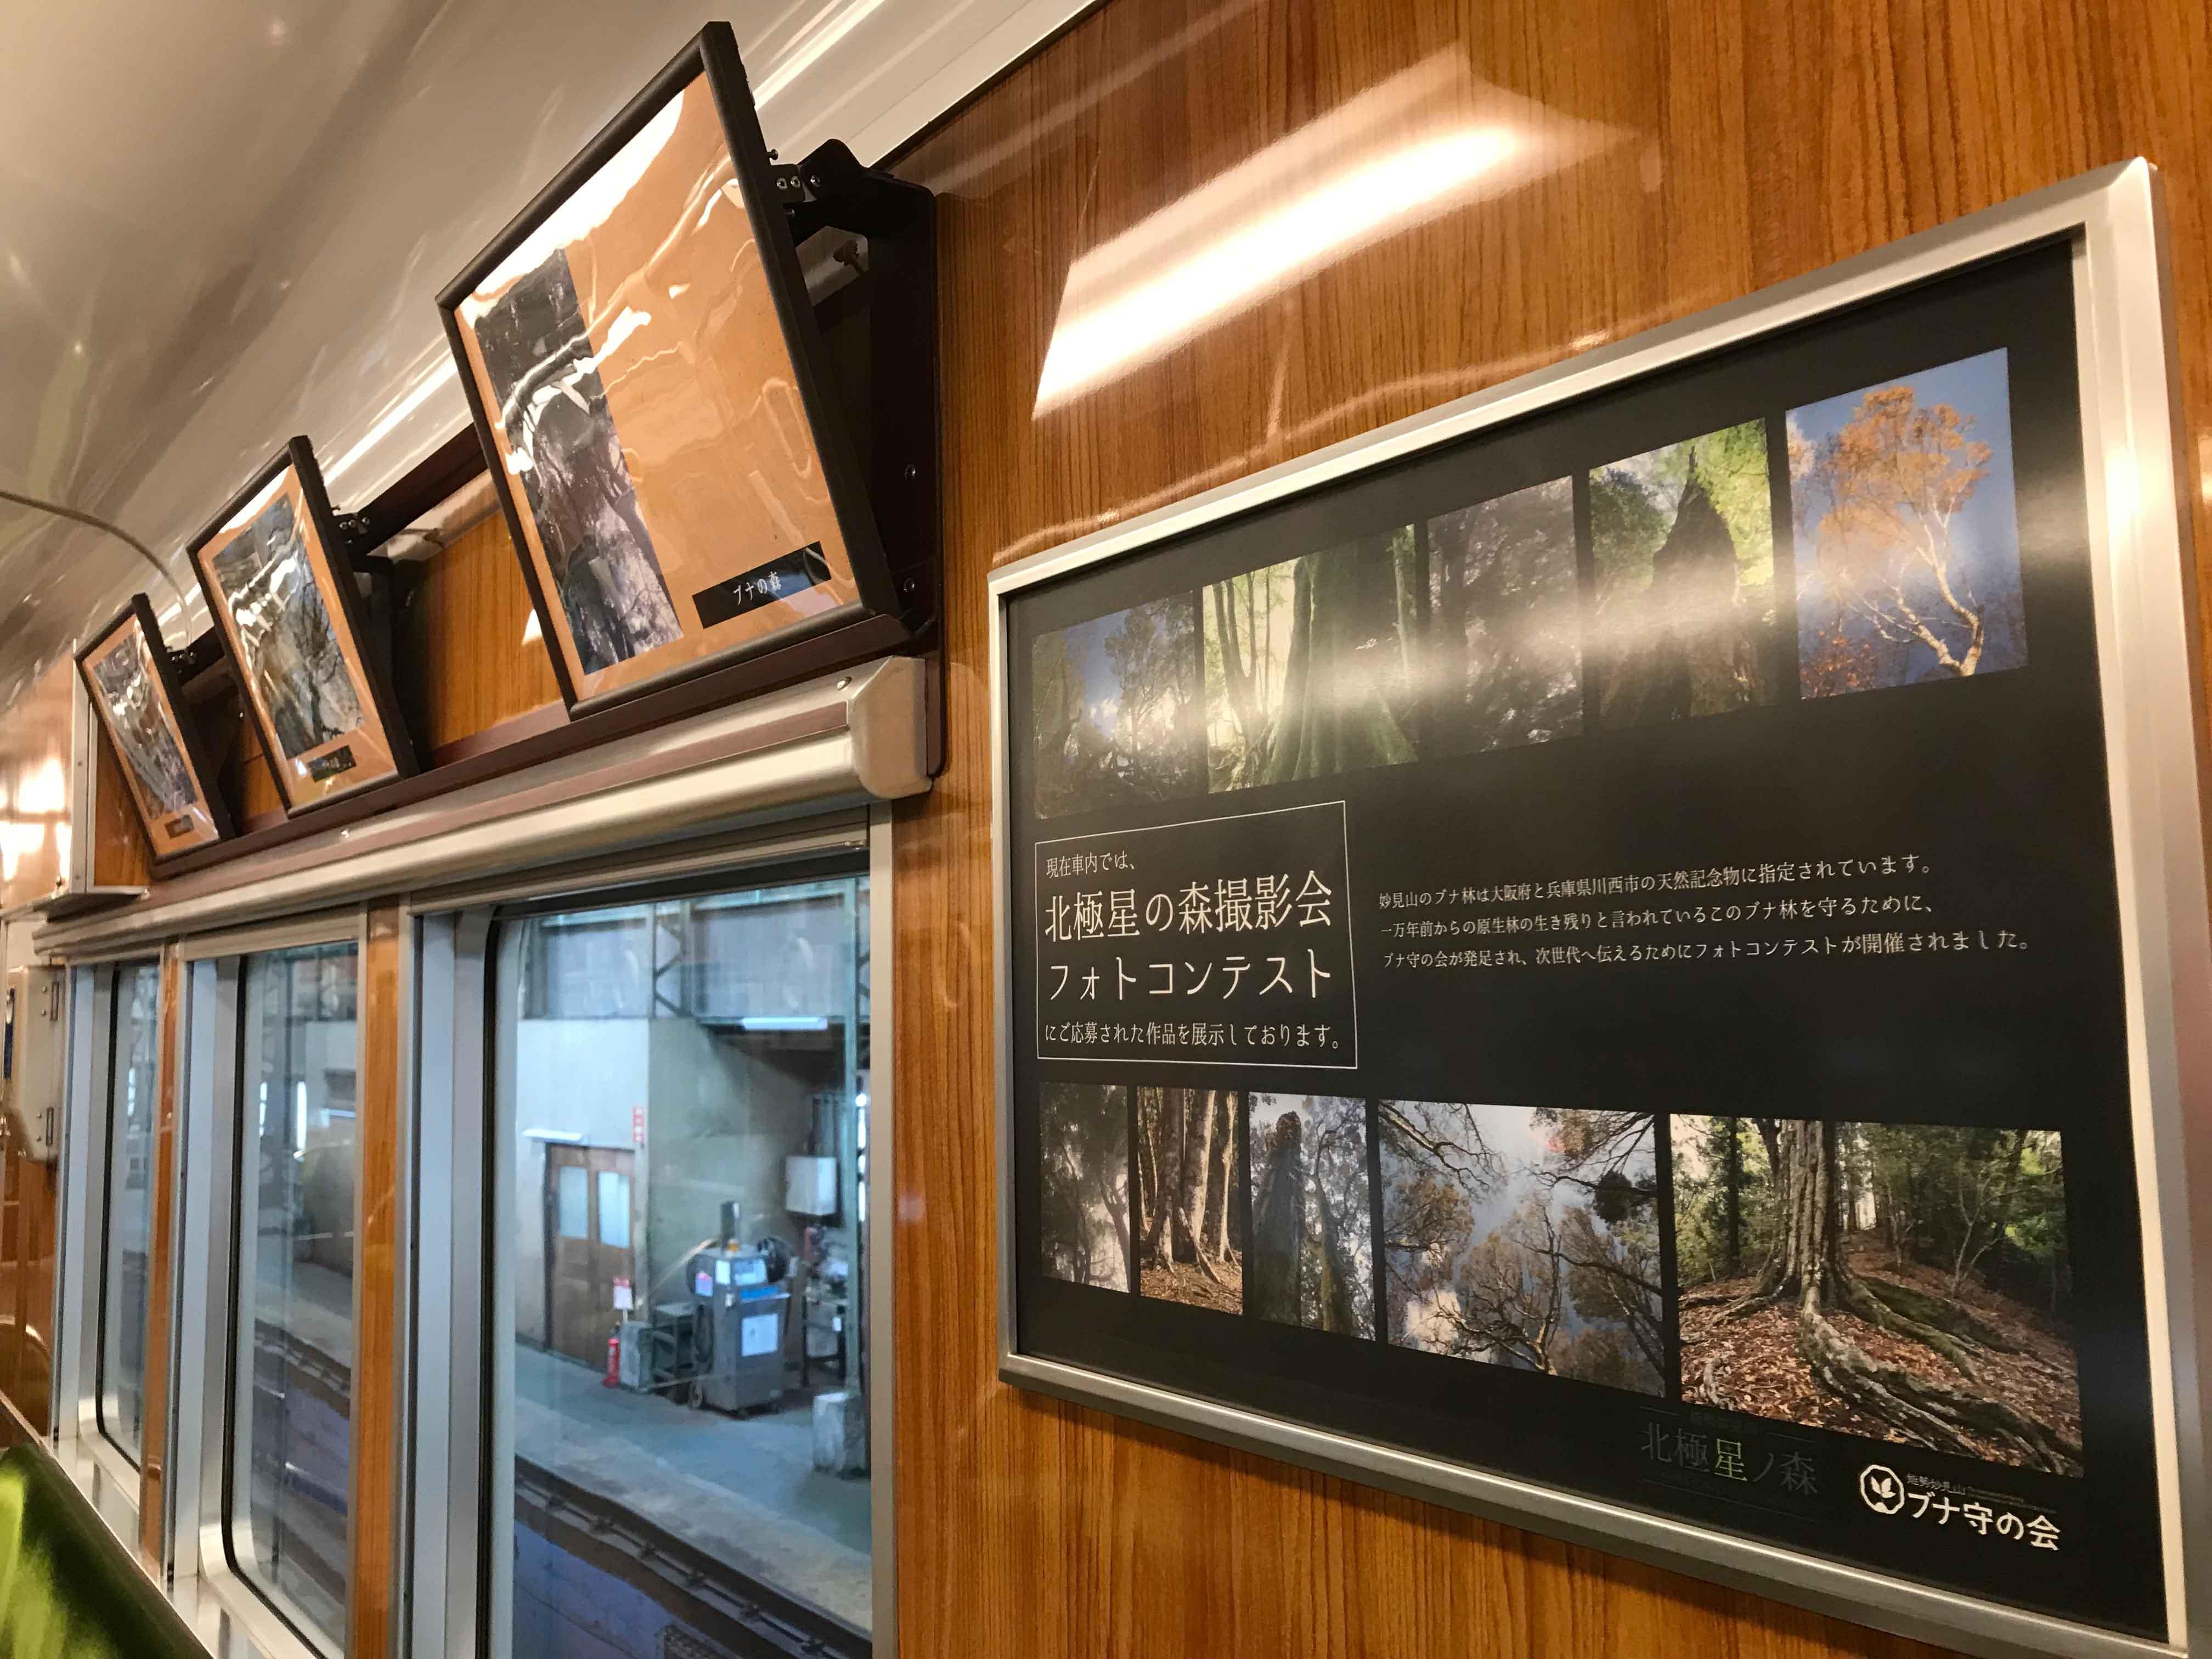 能勢電鉄車内にブナ林の写真を掲示いただいております!(フォトコンテスト2018参加作品)